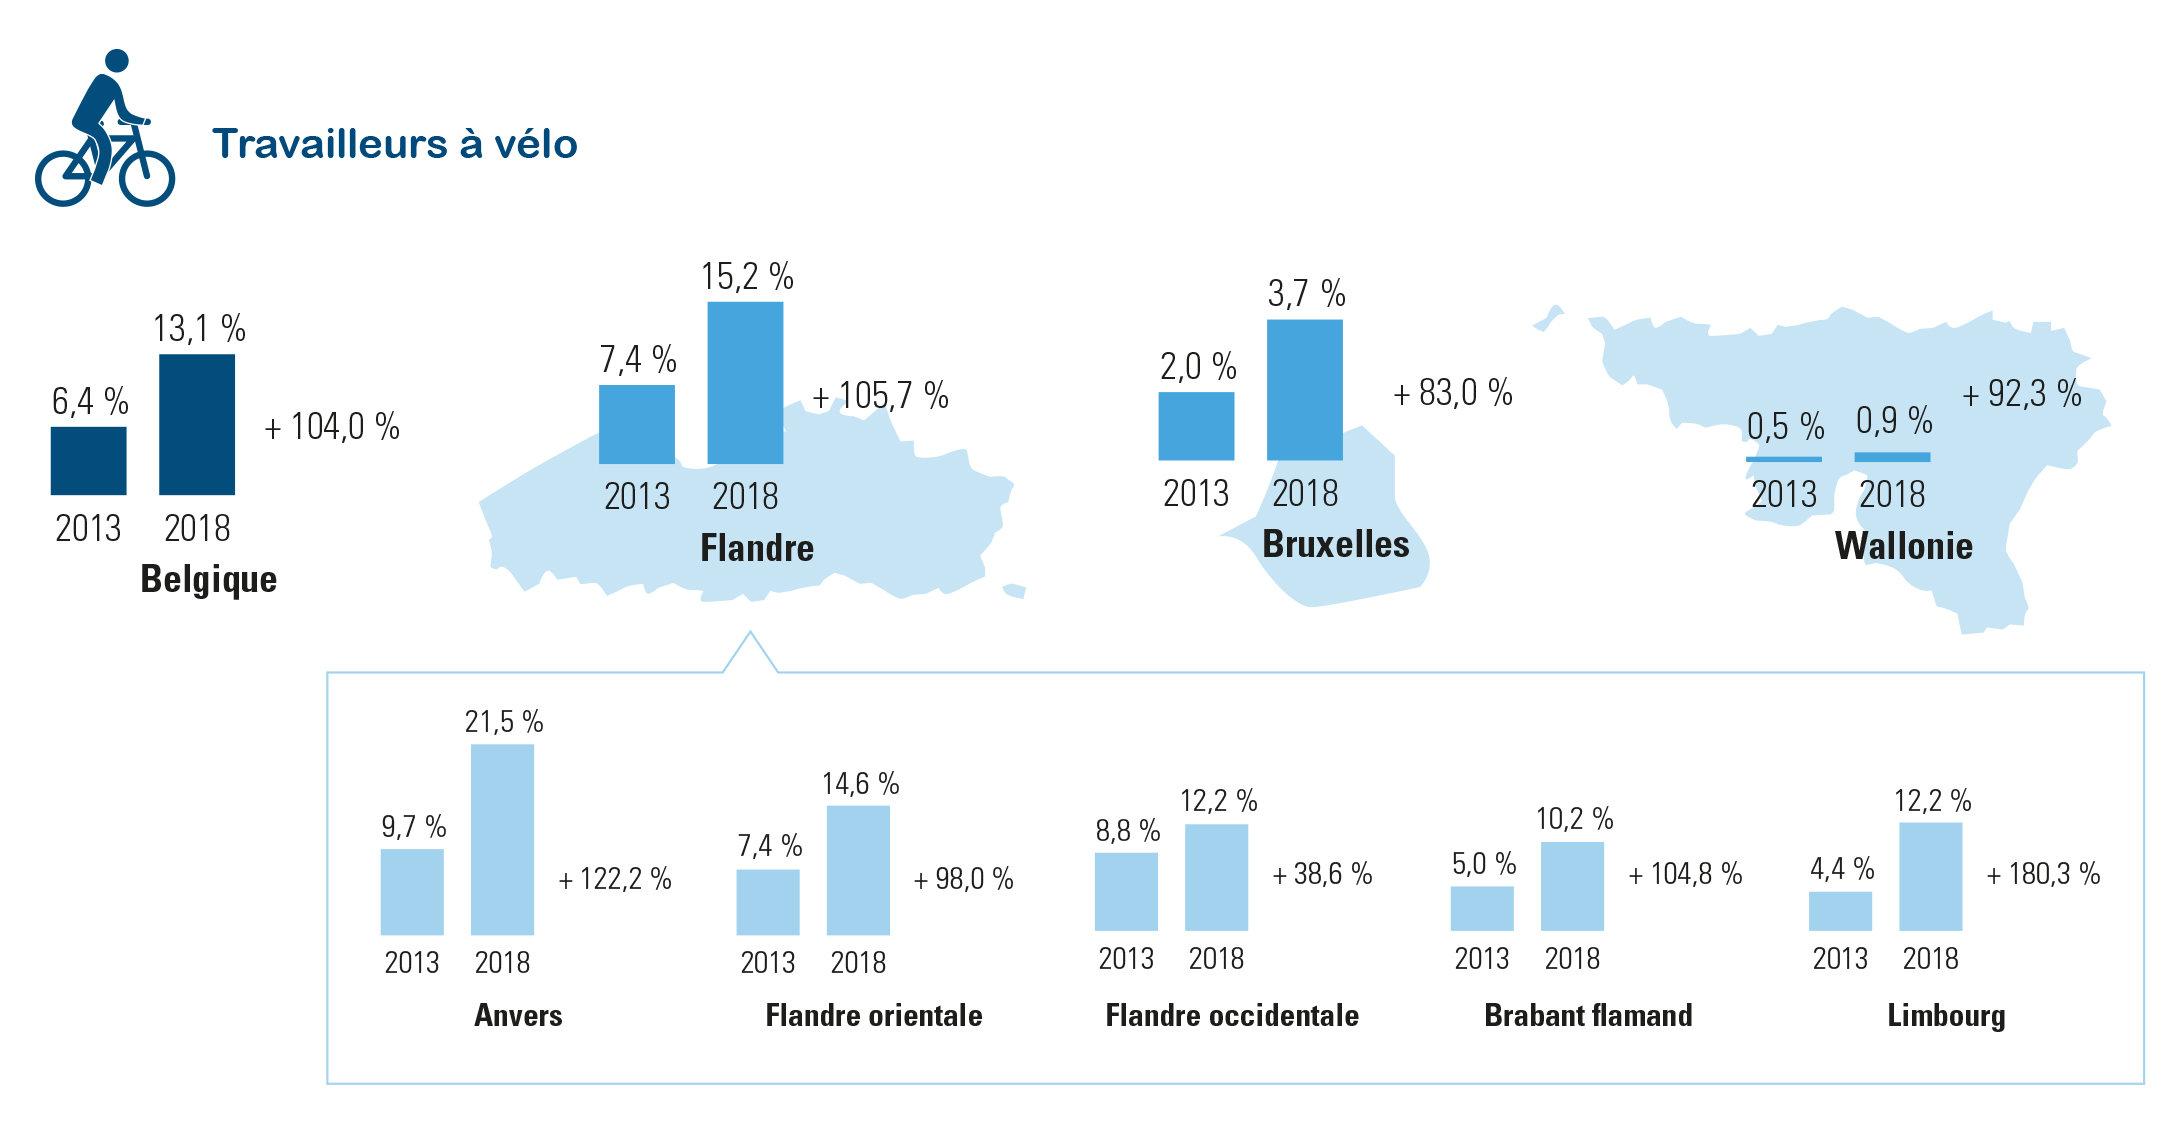 % de travailleurs se déplaçant régulièrement depuis/vers le travail à vélo (30 septembre 2013 – 2018)